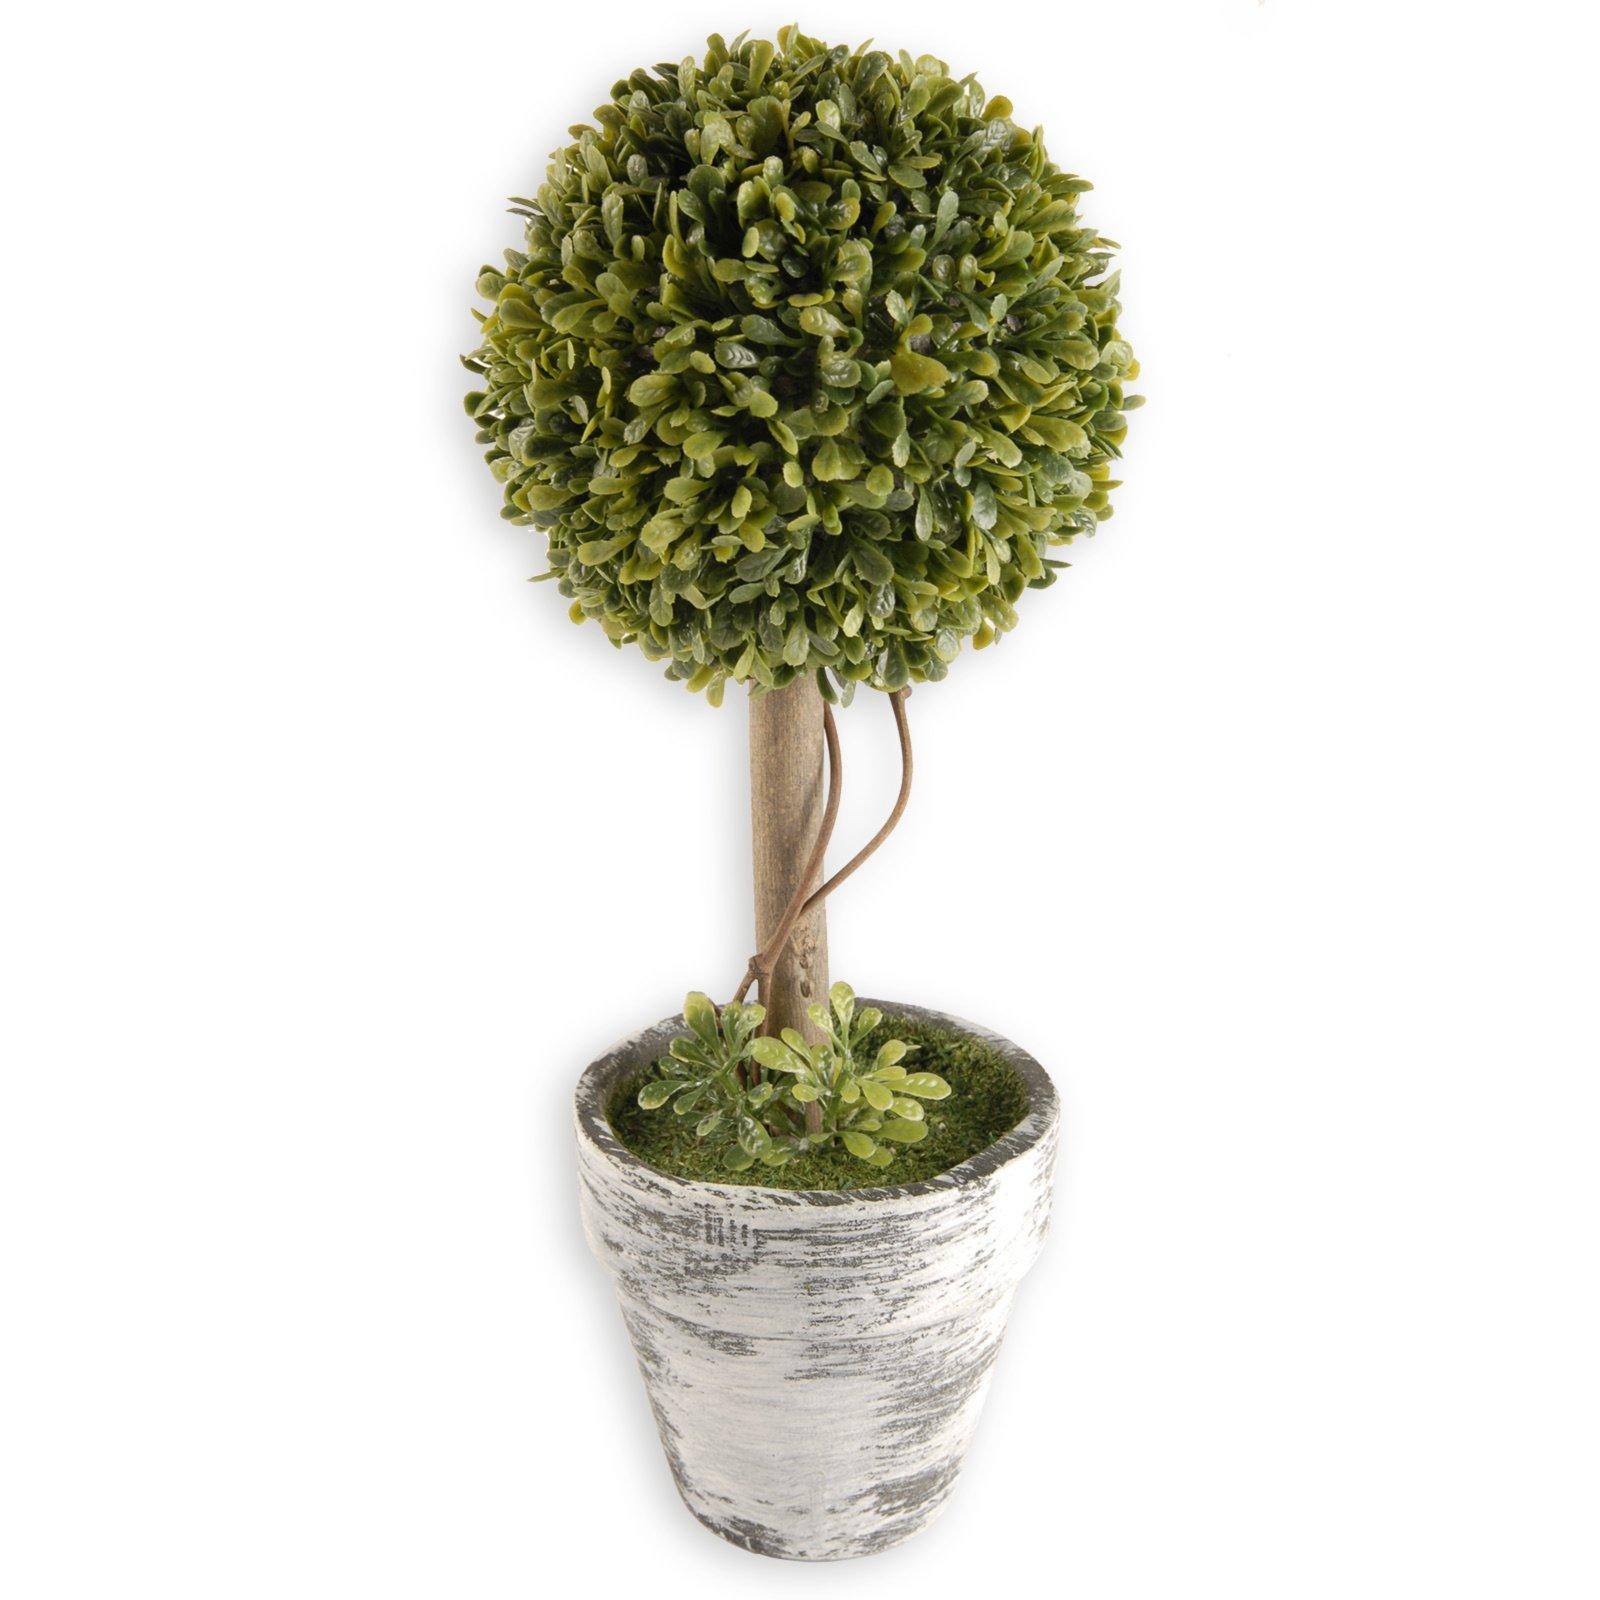 buchsbaum schneiden kugel buchsbaum schneiden baumschnitt ber ideen zu buchsbaum schneiden auf. Black Bedroom Furniture Sets. Home Design Ideas